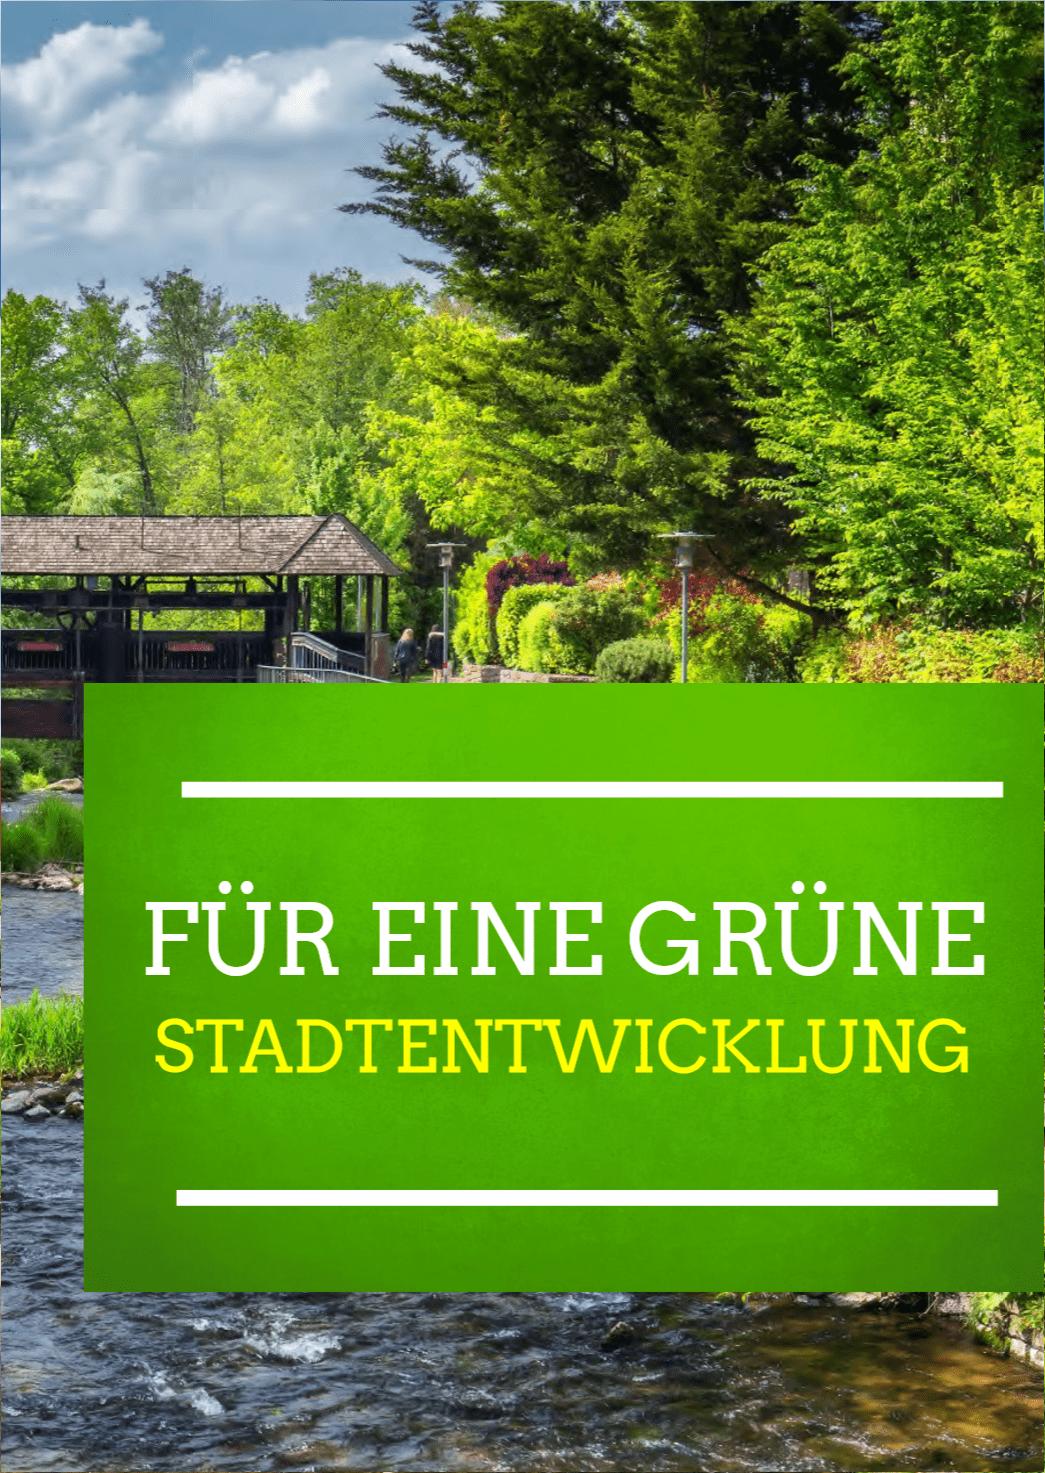 FÜR EINE GRÜNE STADTENTWICKLUNG